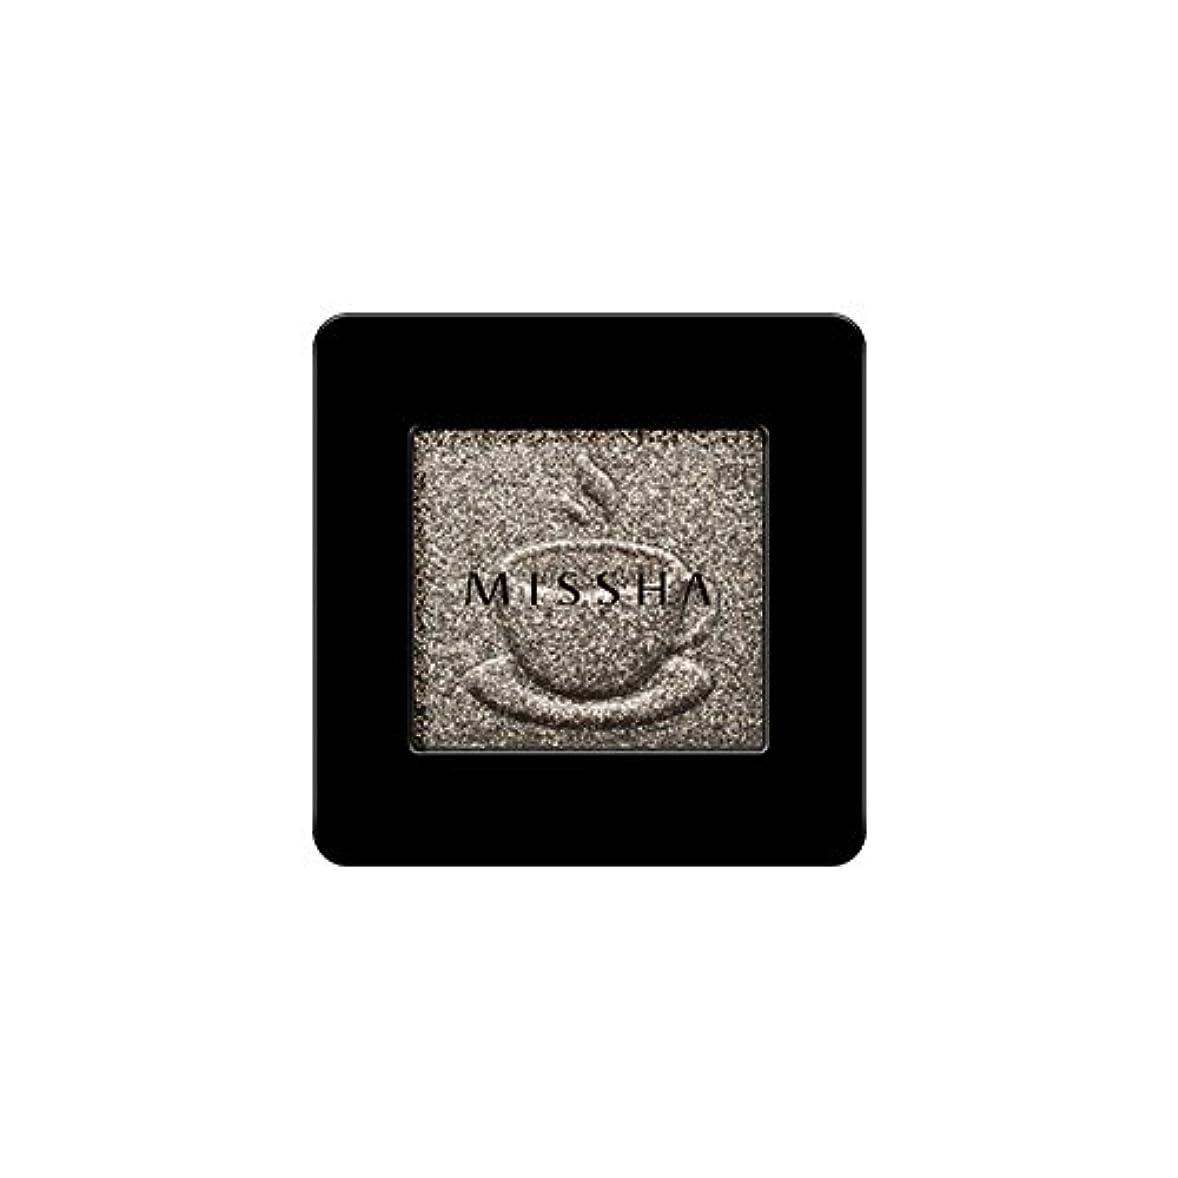 再び魅惑するブラウズ[2016 F/W New Color] MISSHA Modern Shadow [Glitter]/ミシャ モダン シャドウ [グリッター] (#GKH03 Mocha Chocochip)